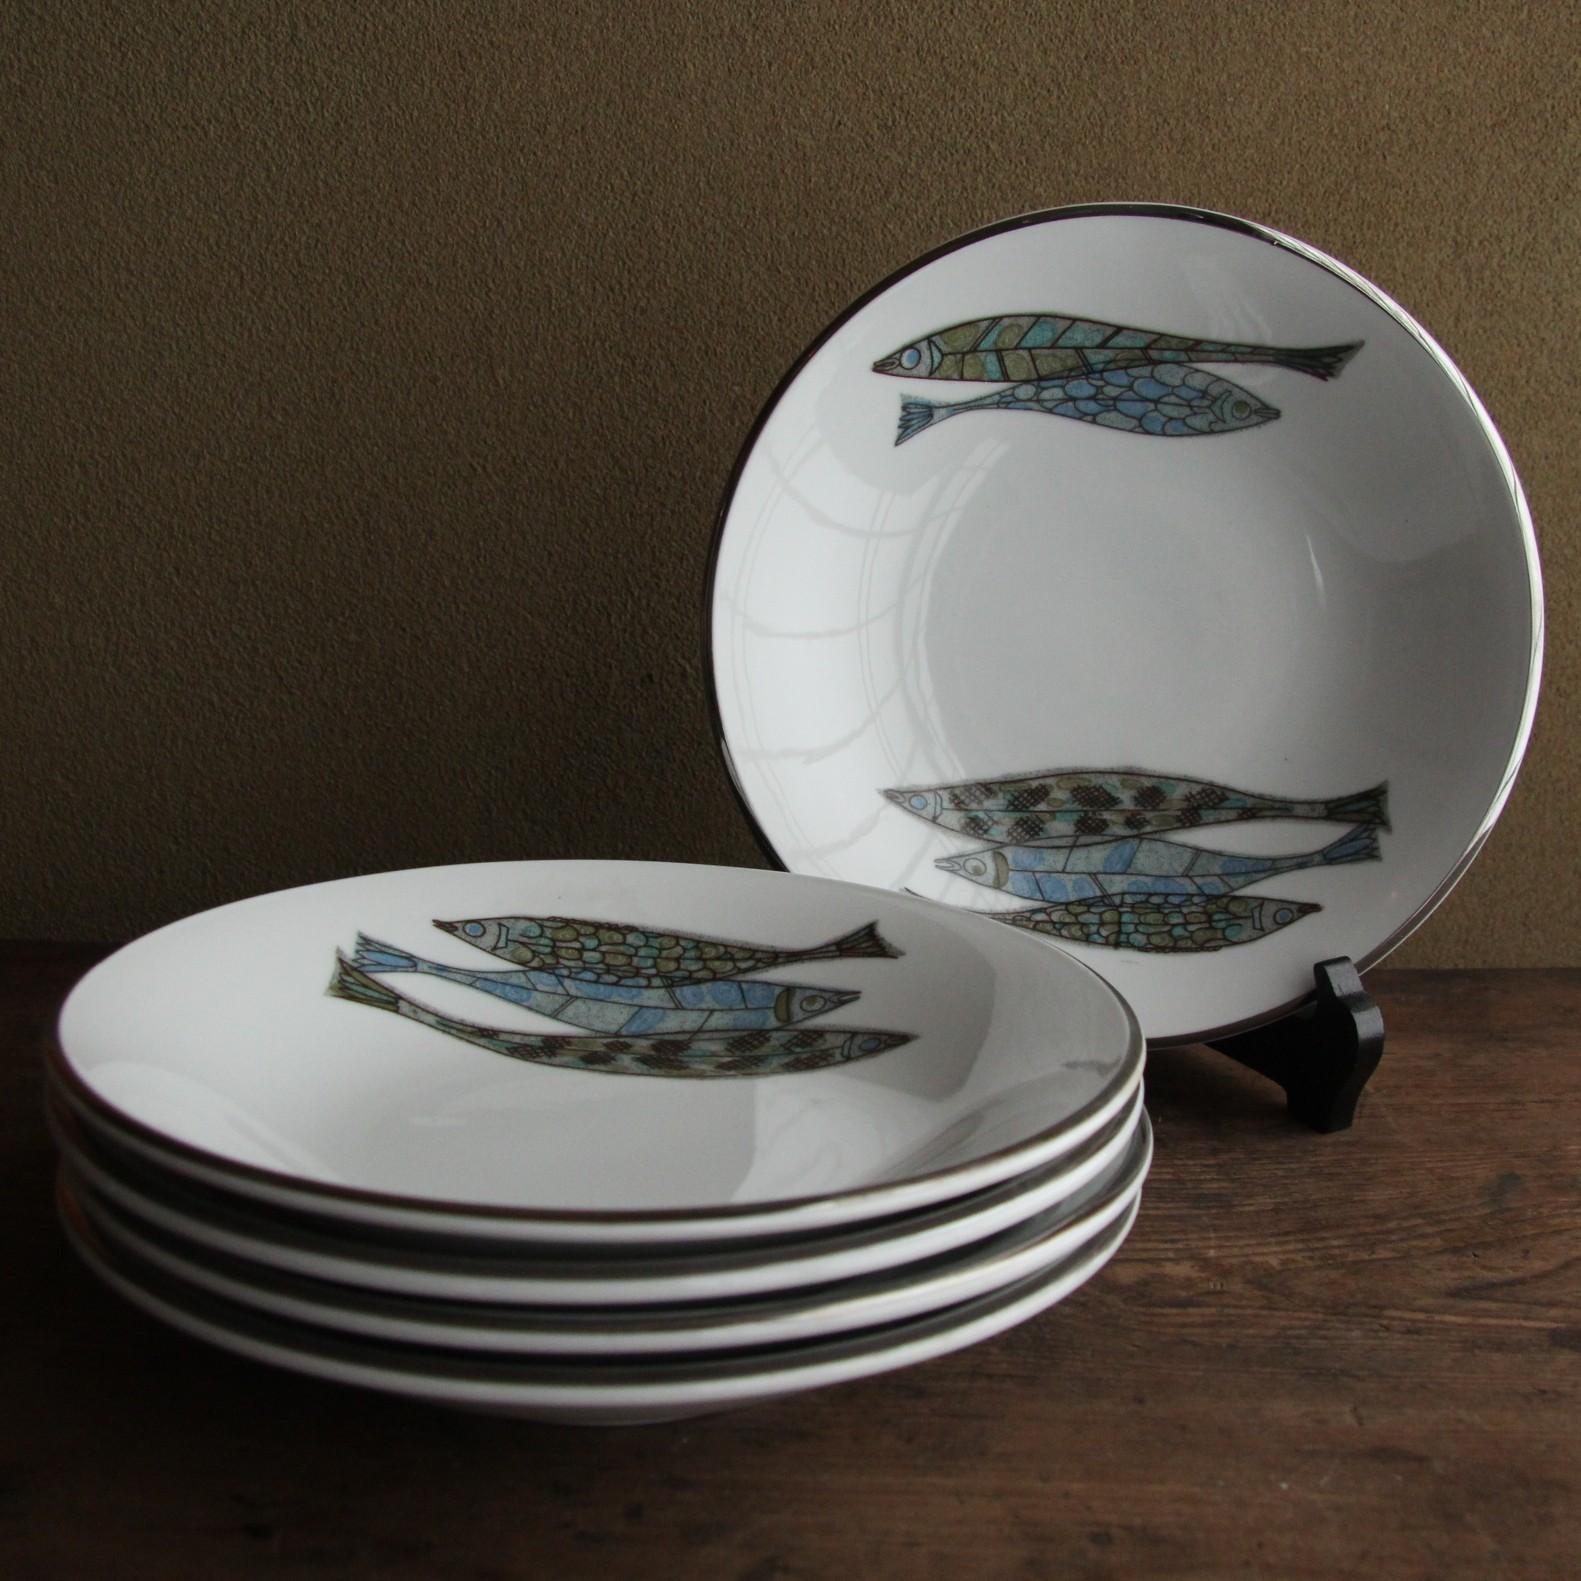 5匹の魚 レトロなカレー皿 残り1枚